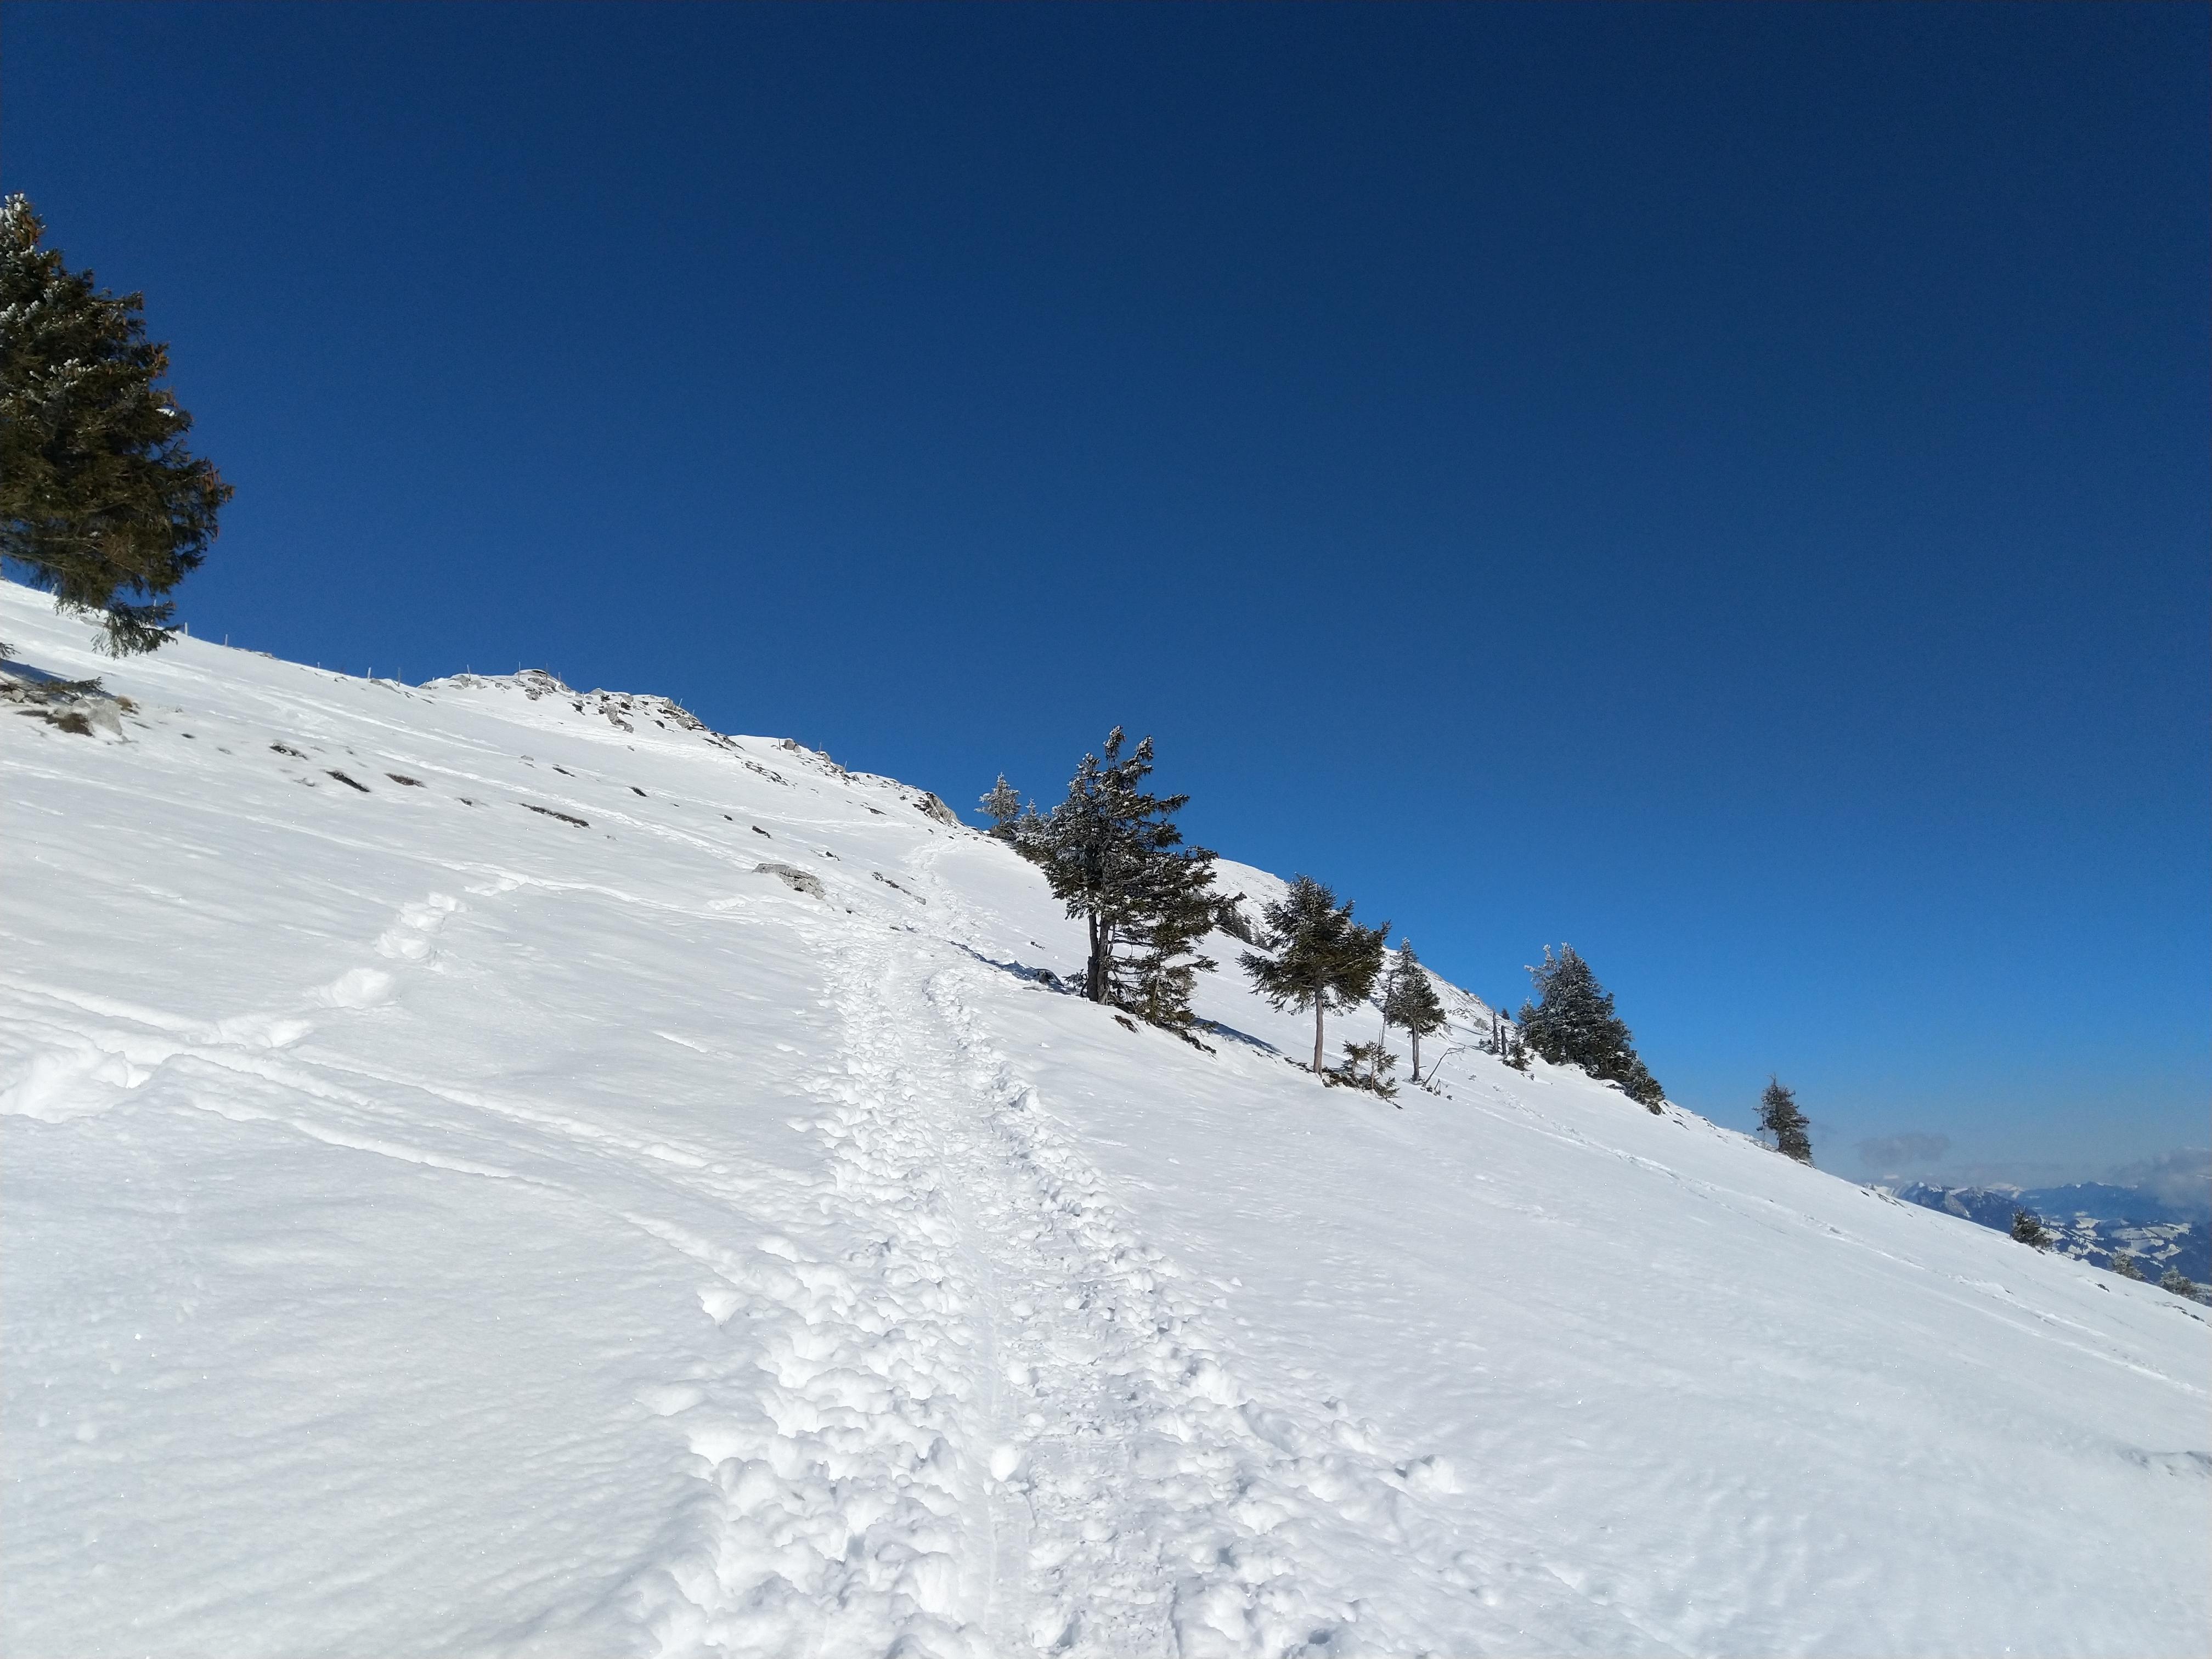 Der Weg Richtung Gipfel